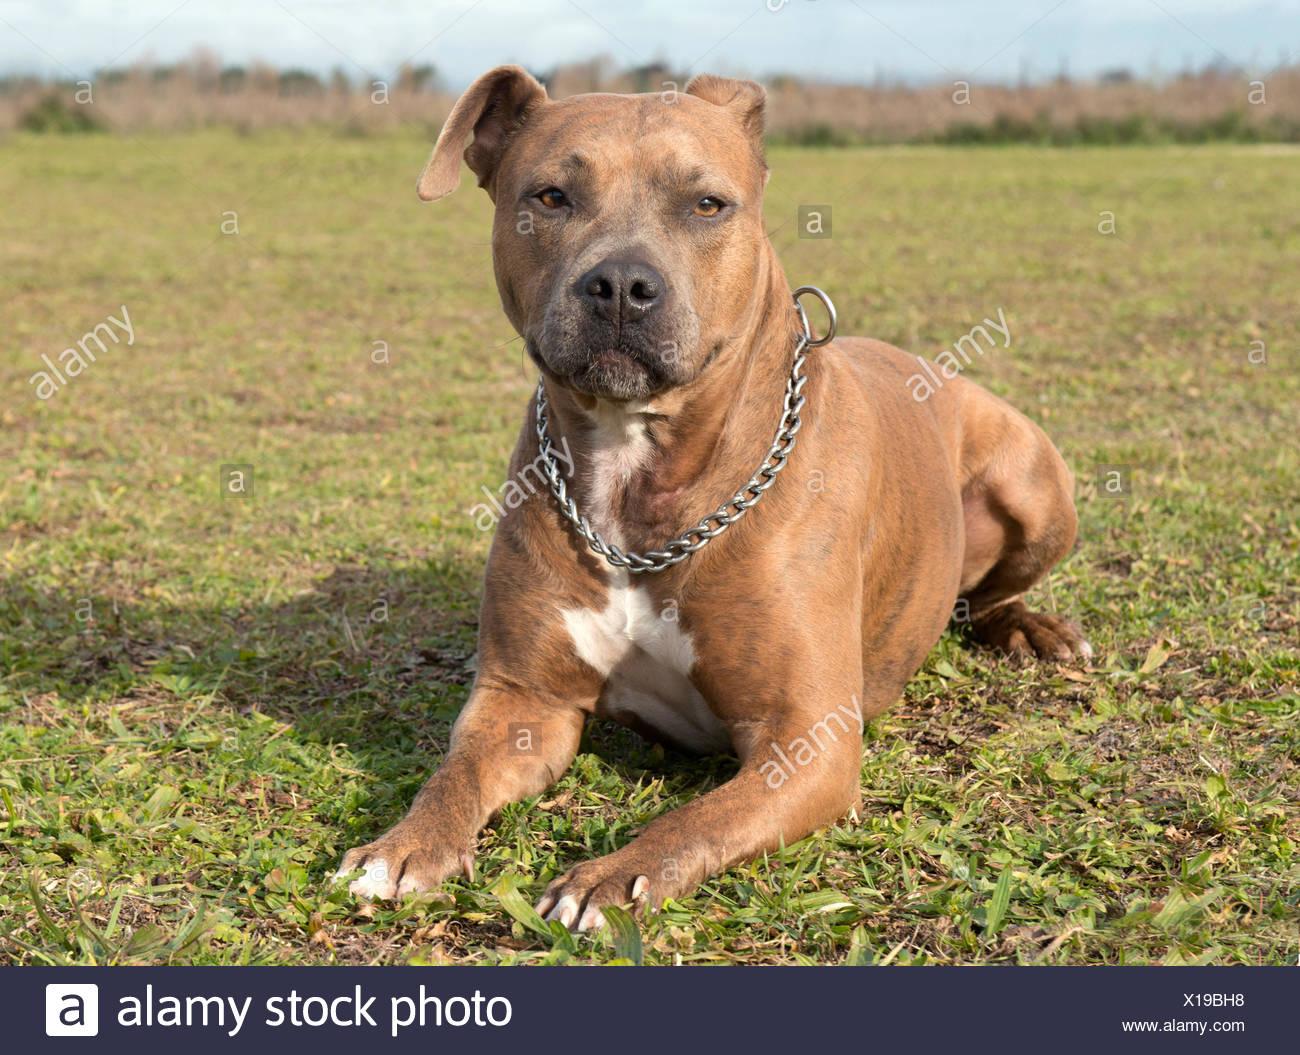 Leiter Der Reinrassigen American Staffordshire Terrier Mit Kragen